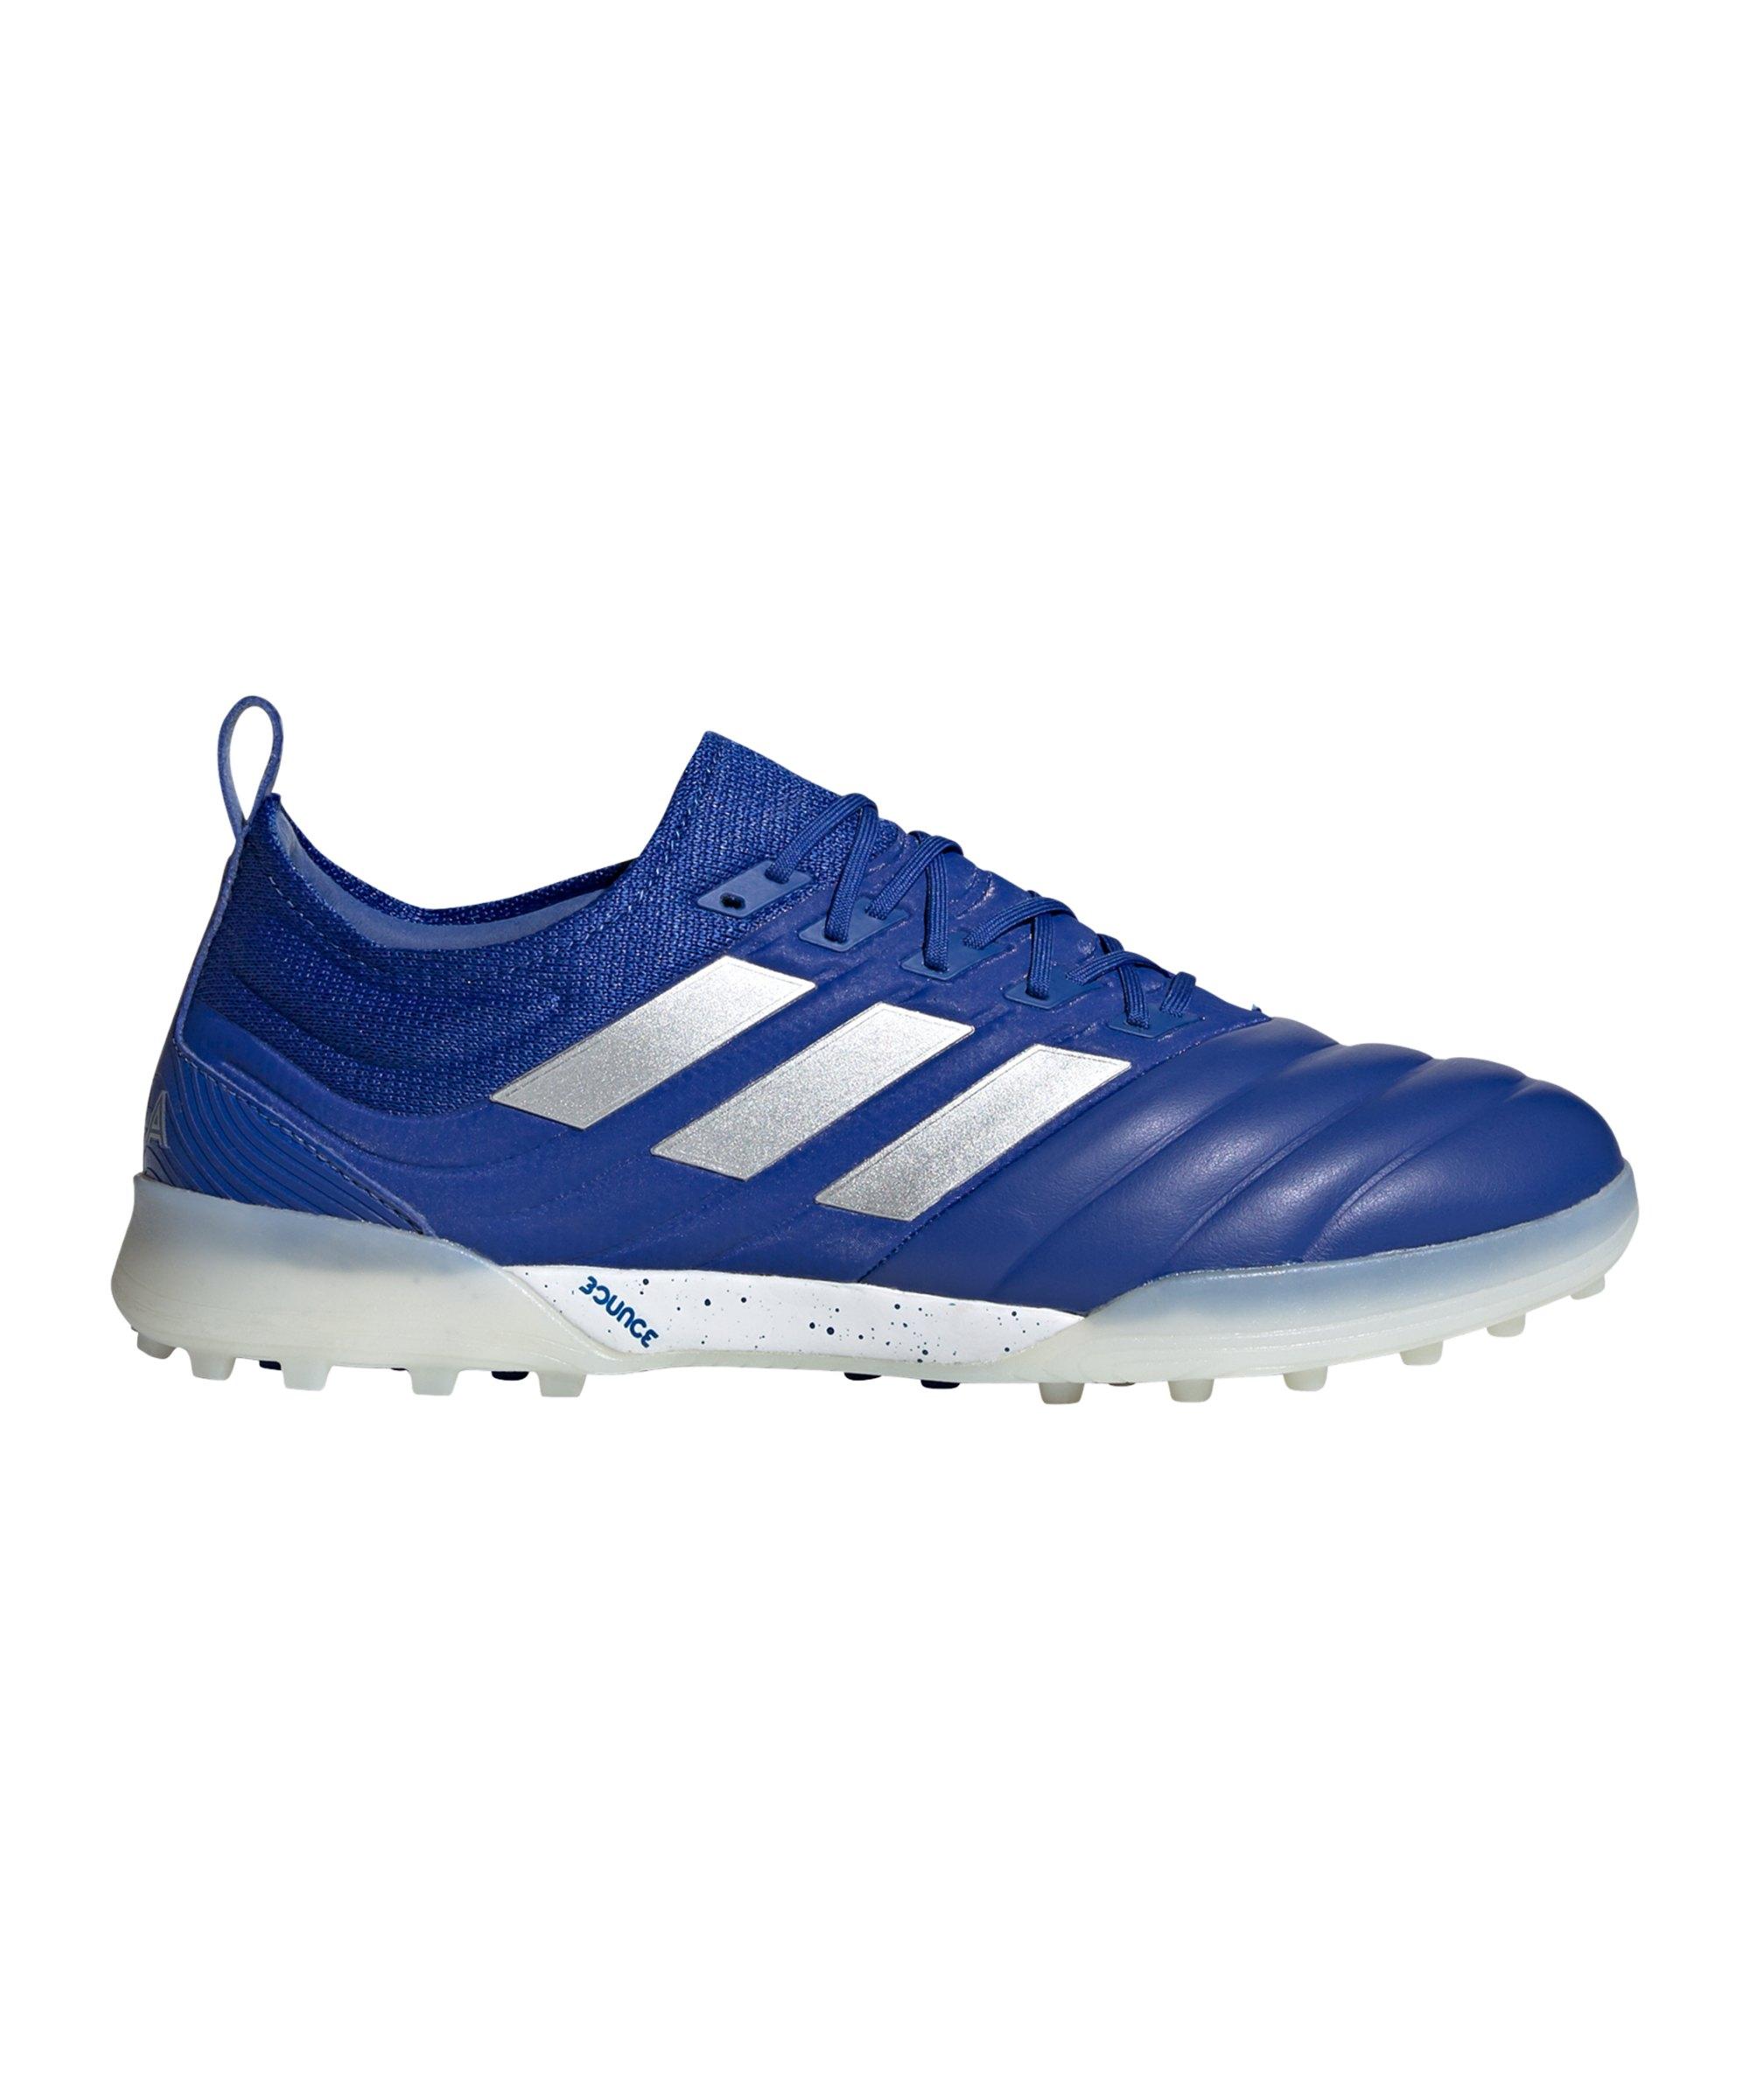 adidas COPA Inflight 20.1 TF Blau Silber - blau